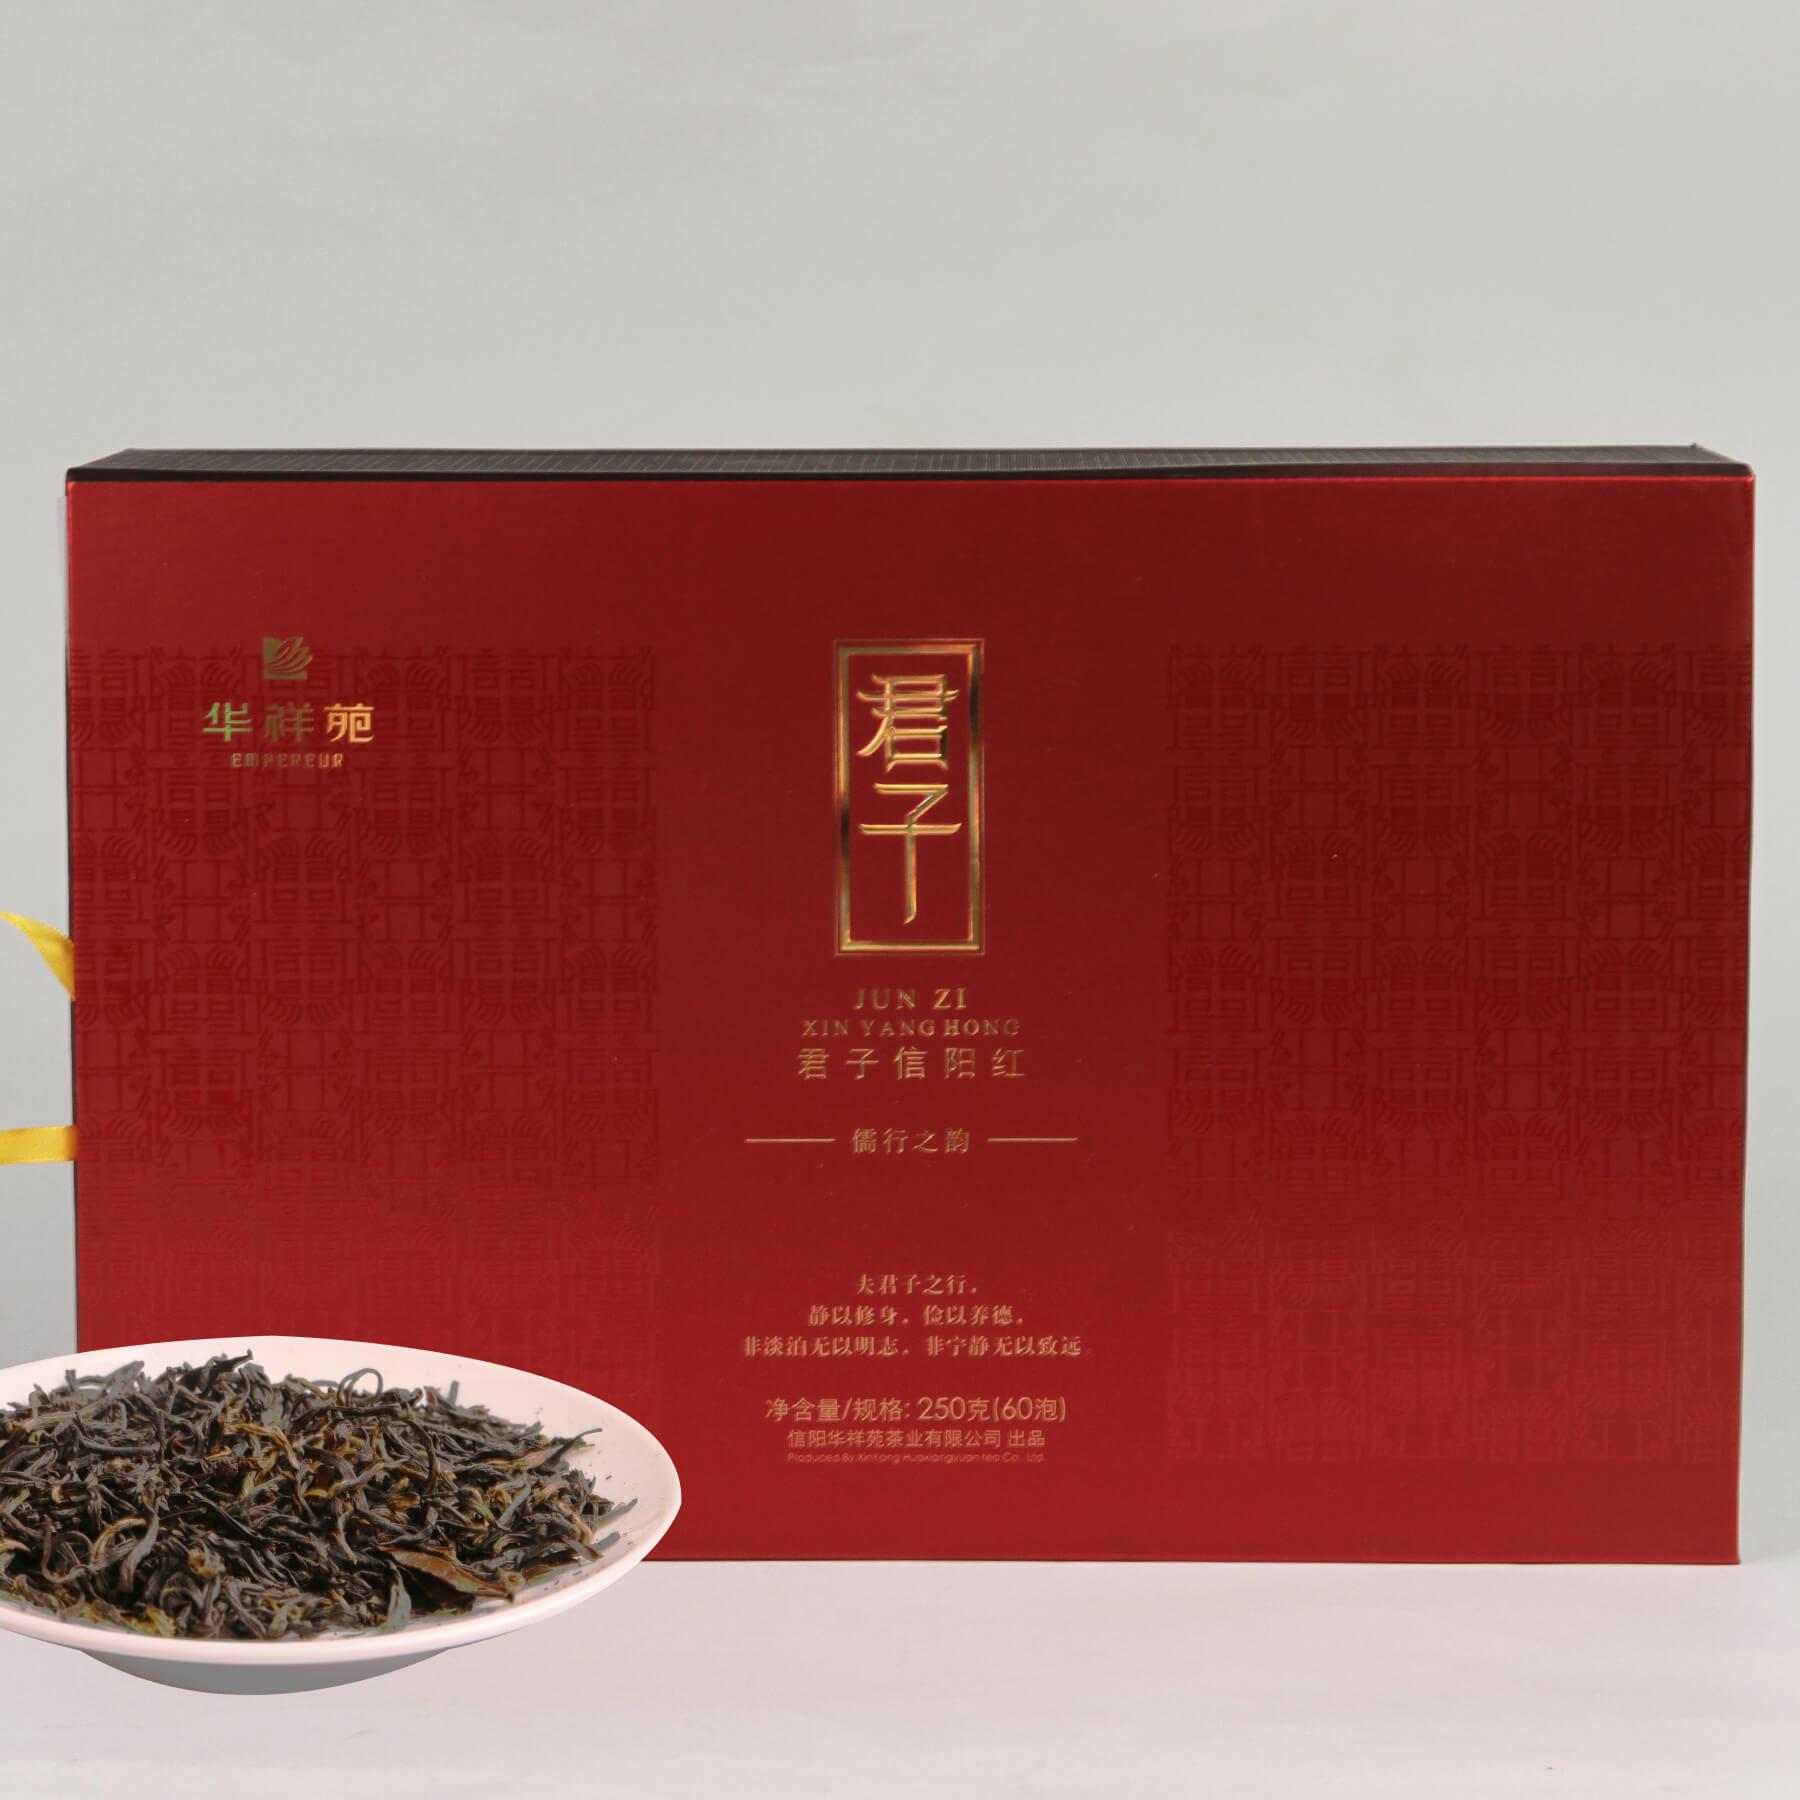 君子信阳红(2016)红茶价格600元/斤